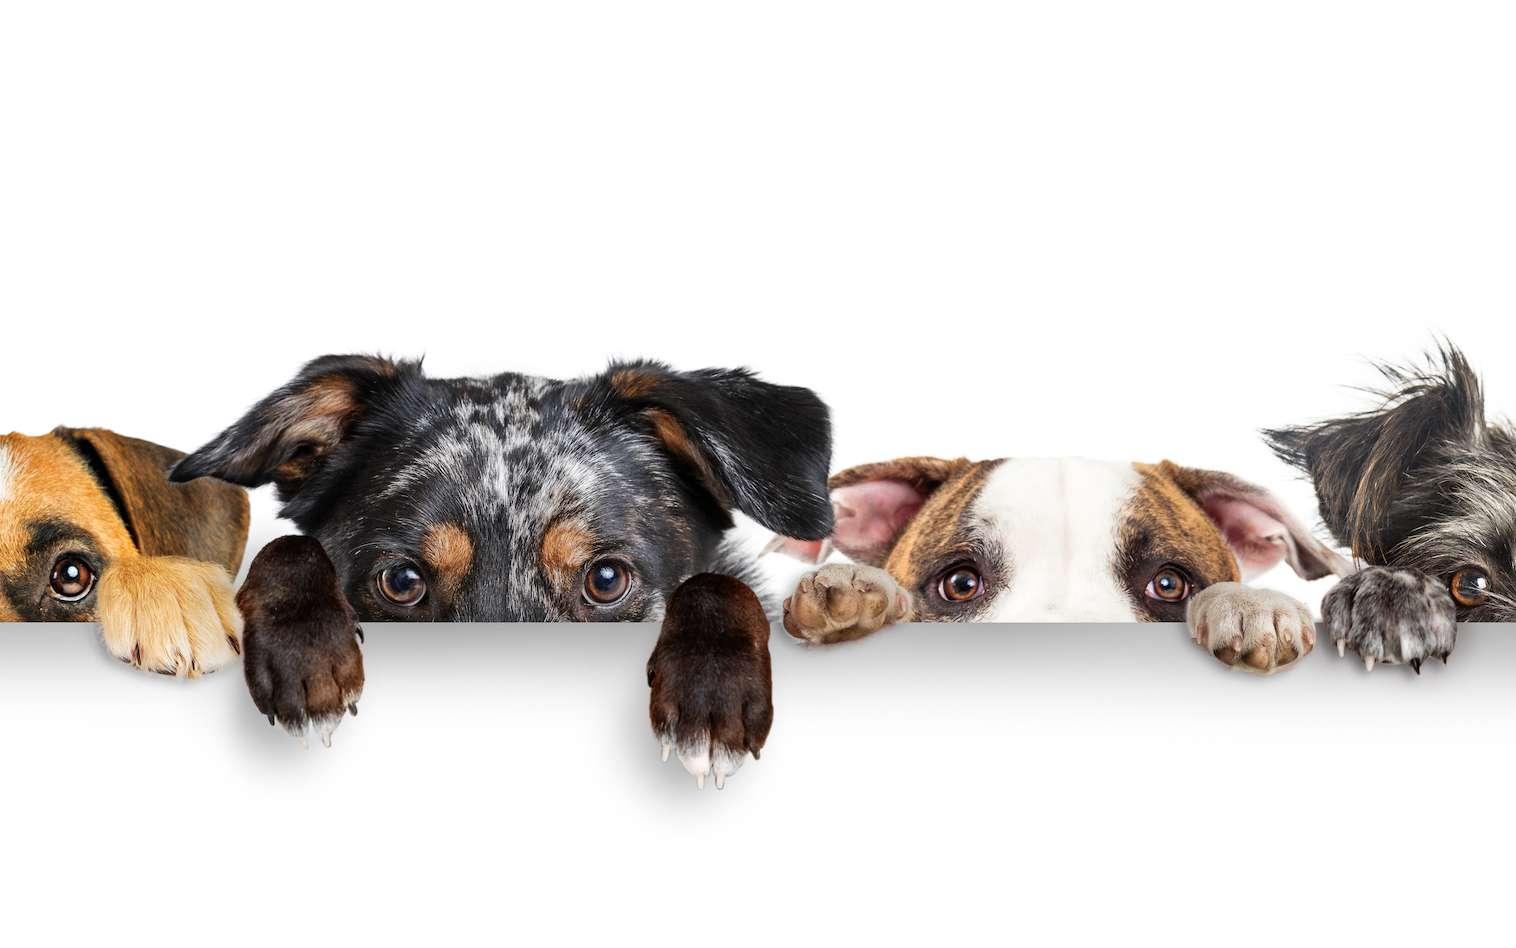 Le chien est un bon sujet d'étude pour les scientifiques. Et régulièrement, ils nous apprennent des choses que nous ne savions pas. © adogslifephoto, Adobe Stock